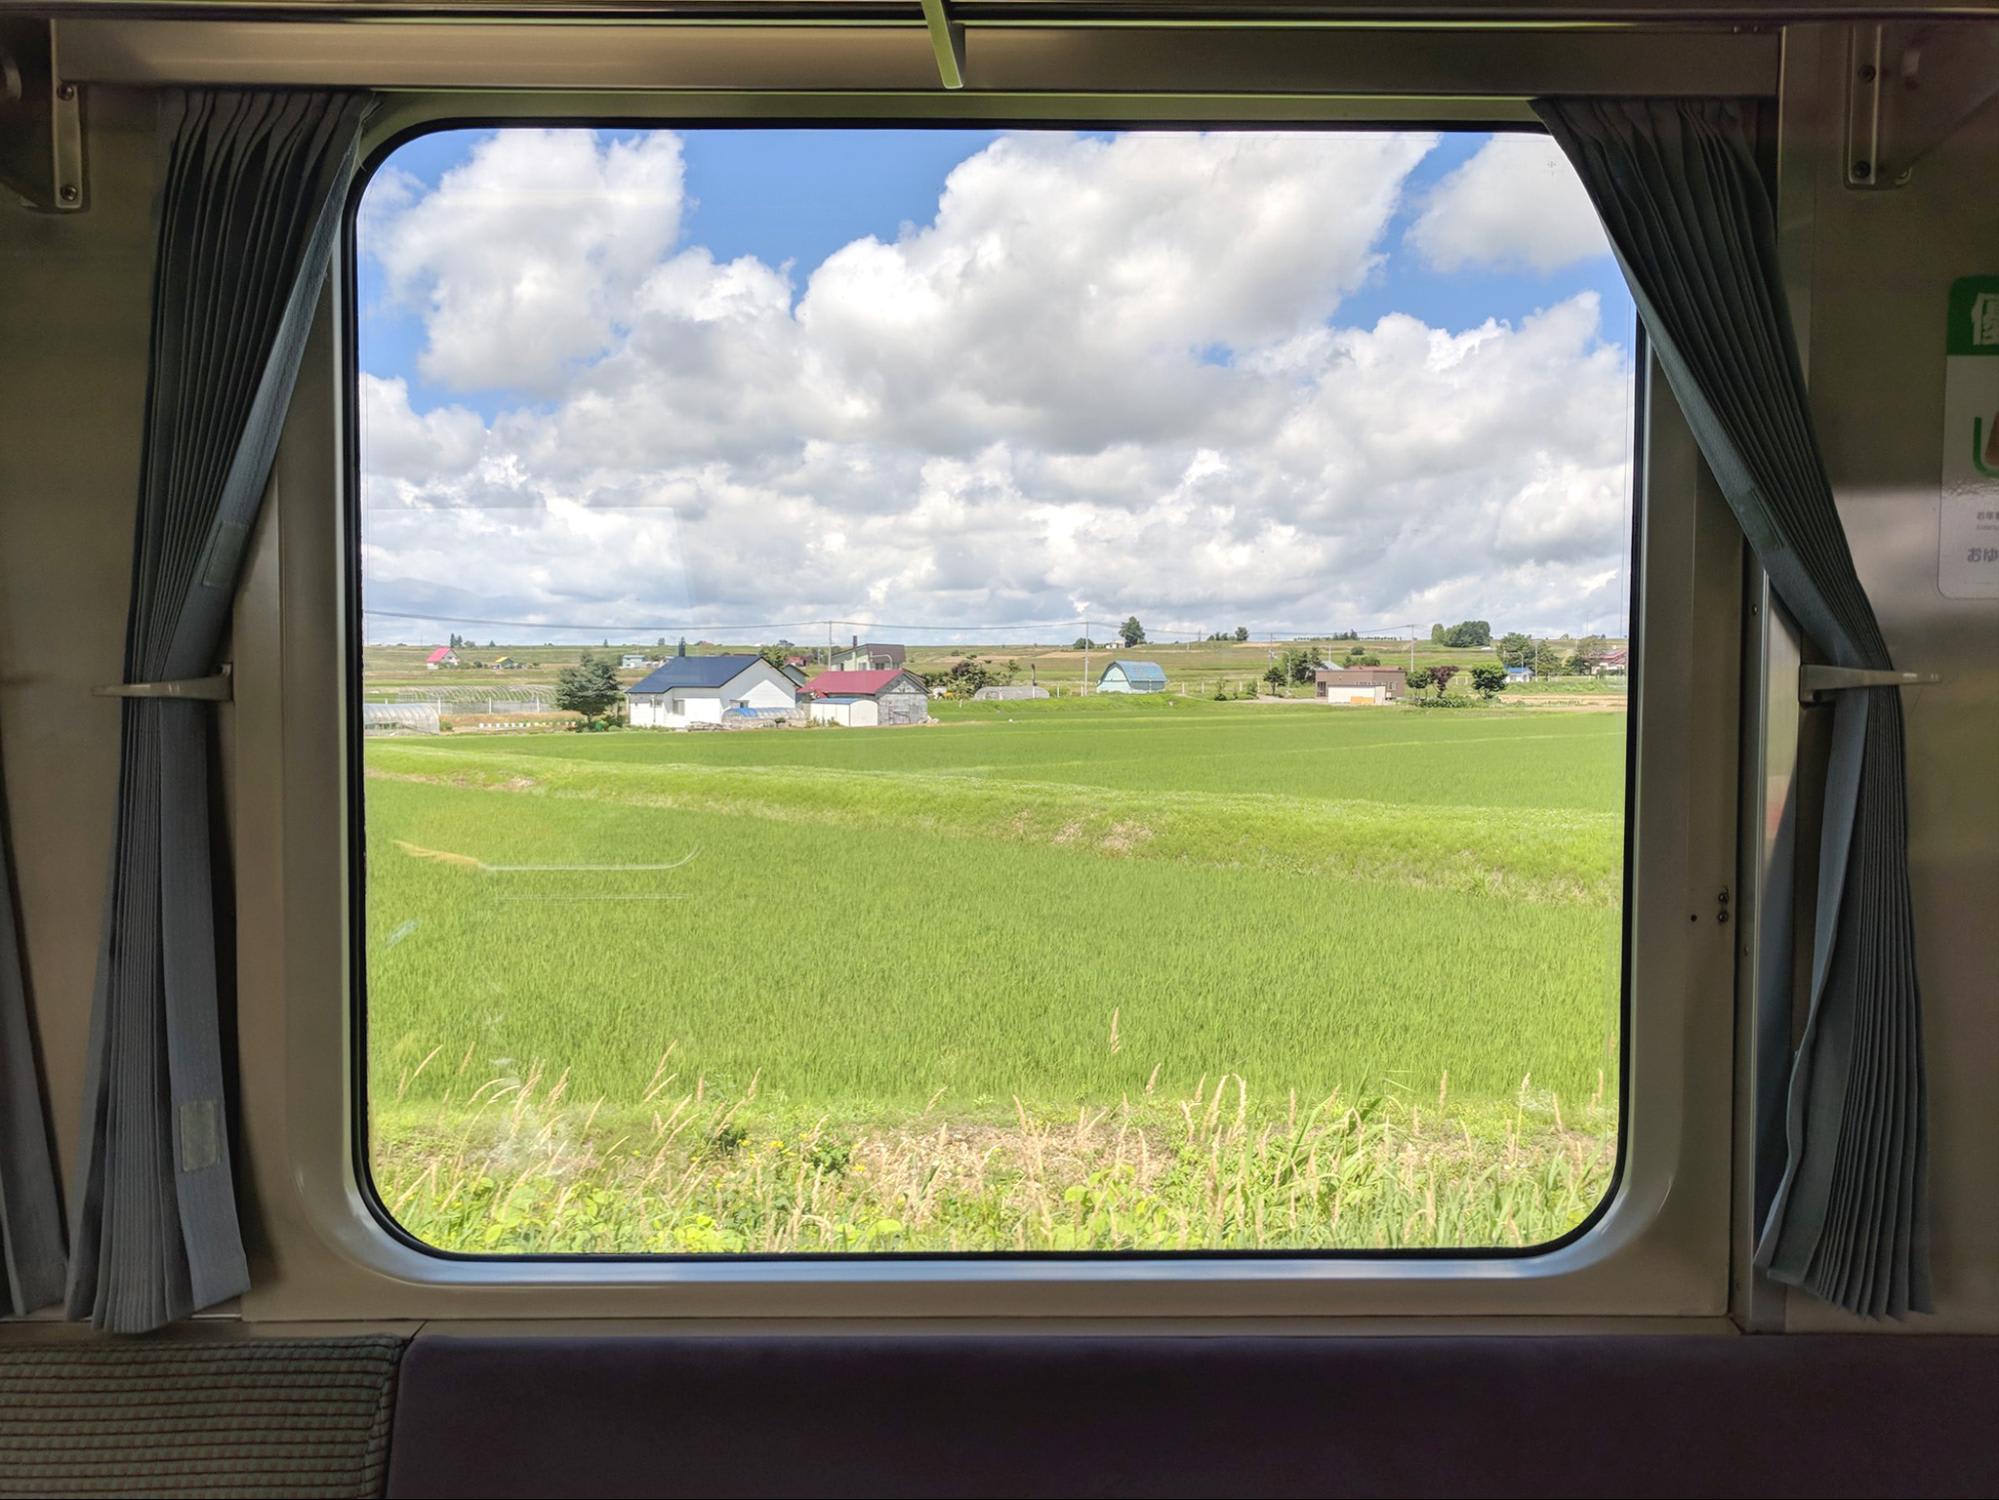 hokkaido nhìn qua khung cửa sổ